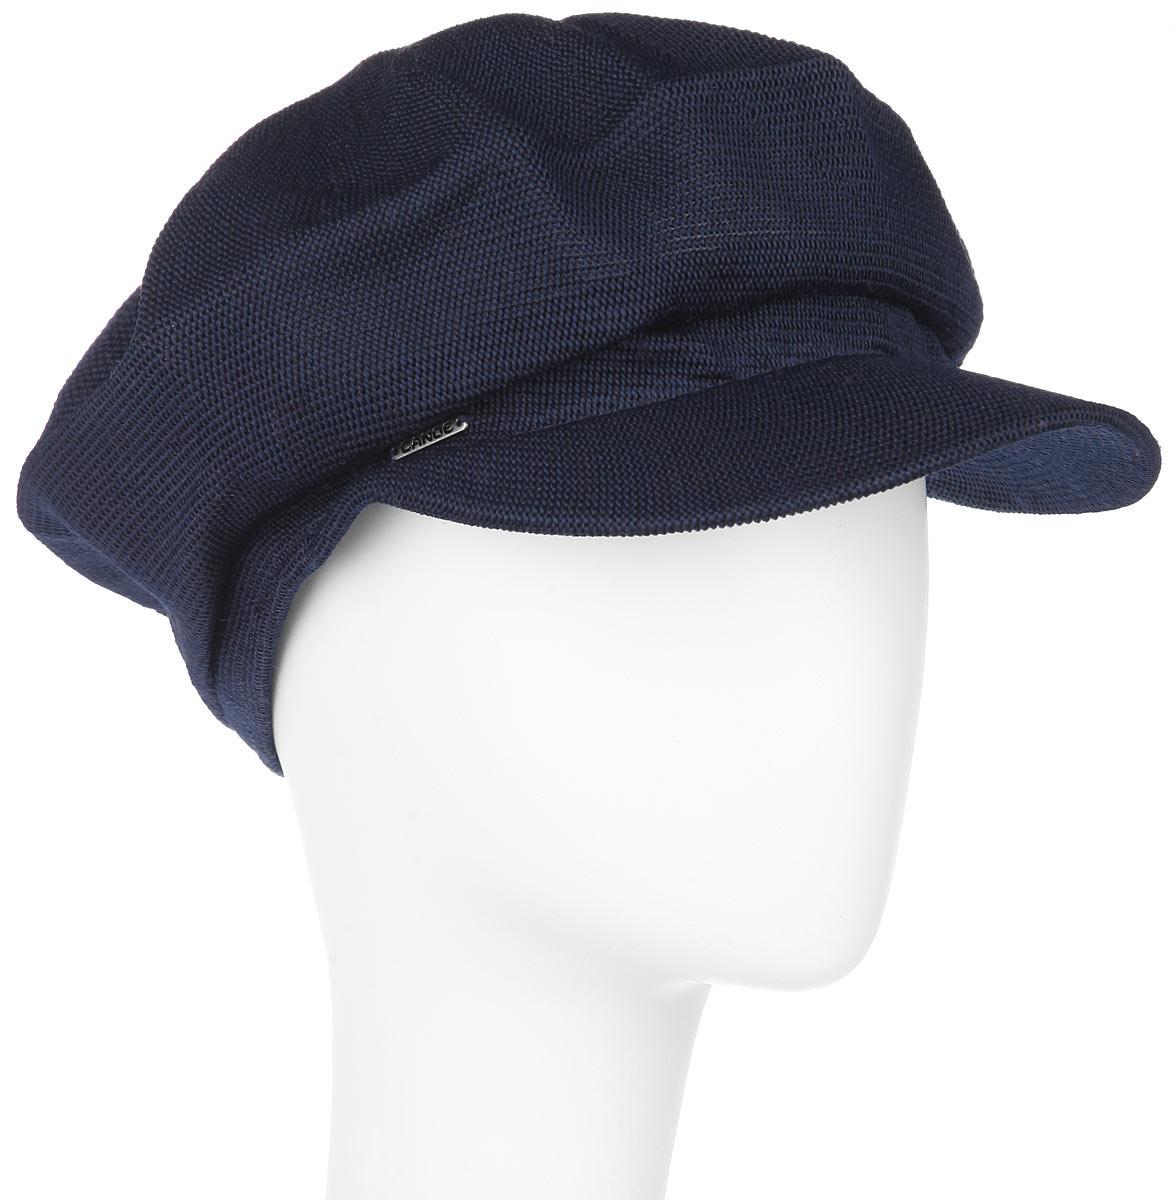 Кепка мужская Canoe Guten, цвет: темно-синий. 1961244. Размер 591961244Мужская кепка Canoe Guten дополнит ваш образ в прохладную погоду.Сочетание полиэстера и акрила обеспечивает удобную посадку. Модель в стиле 30-х годов. Имеет козырек - 5 см, закругленной формы. Такая кепка составит идеальный комплект с модной верхней одеждой, в ней вам будет уютно и тепло!